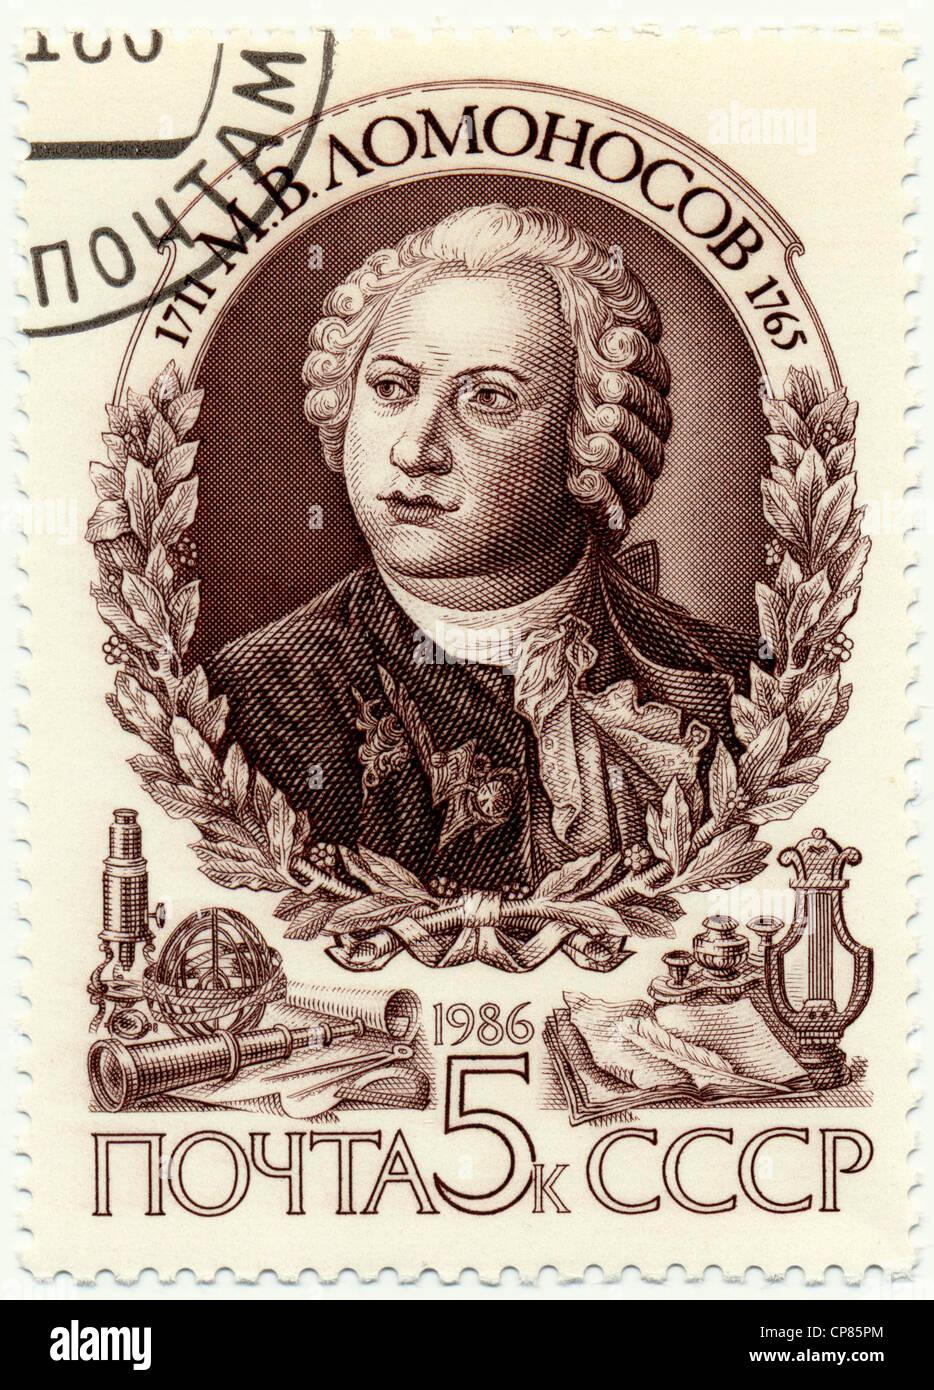 Historic postage stamps of the USSR, political motives, Historische Briefmarke, Michail Wassiljewitsch Lomonossow, - Stock Image